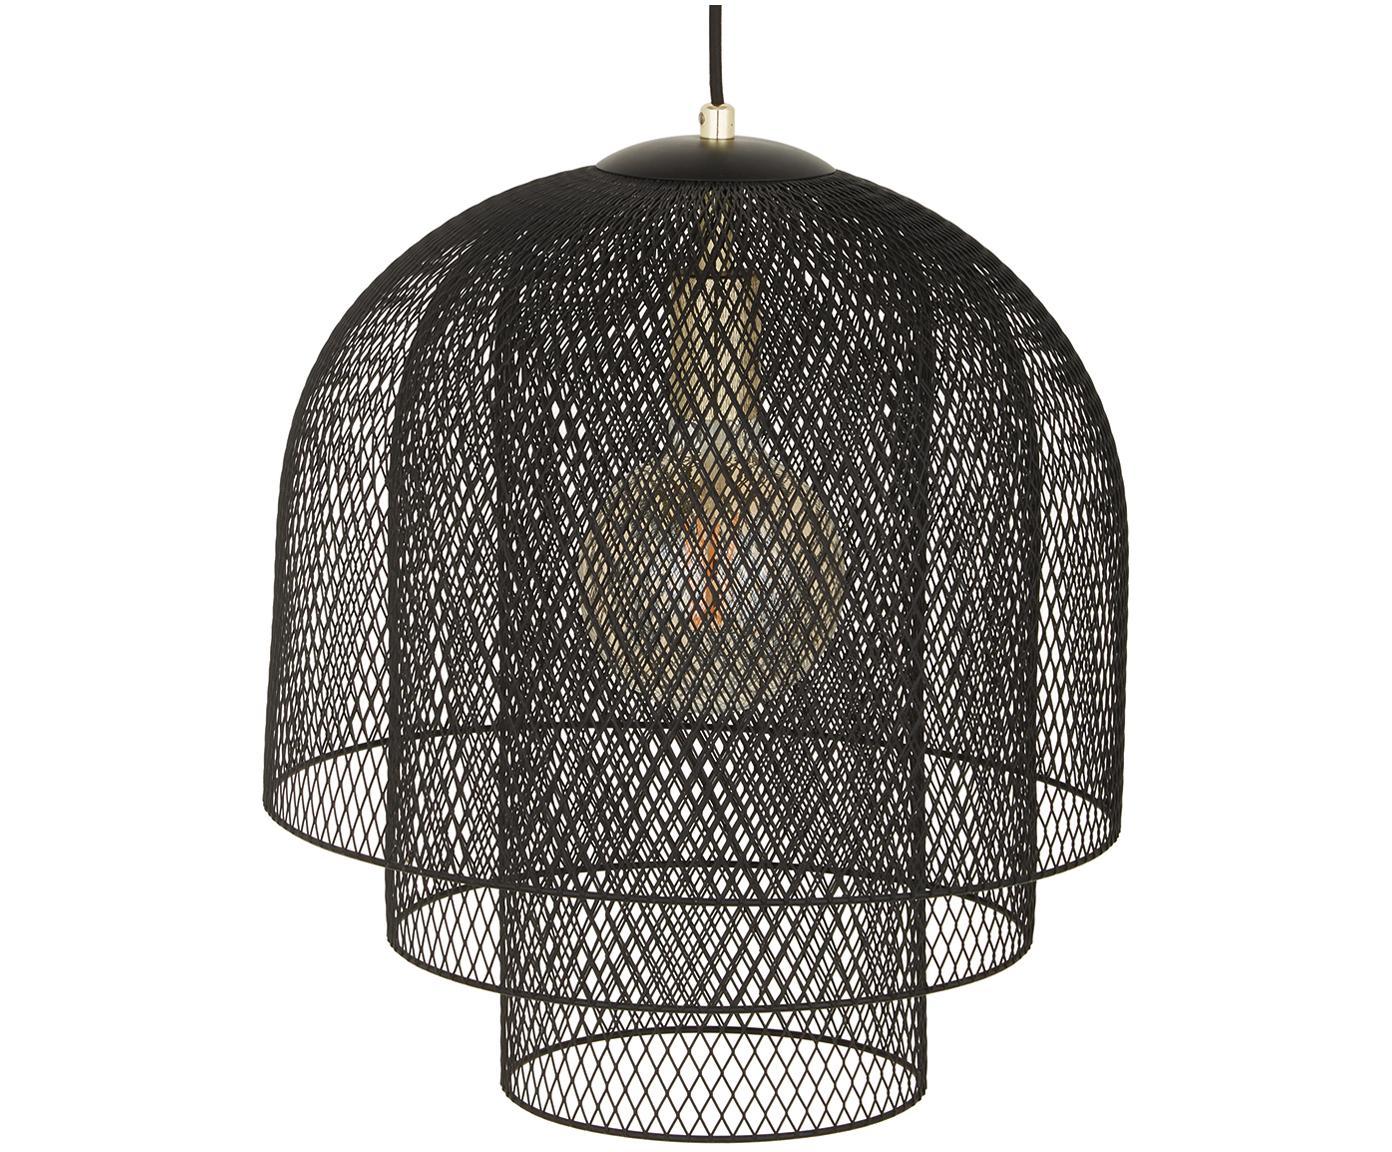 Lampa wisząca Louie, Osłona mocowania sufitowego, stelaż lampy i klosz: czarny, matowy Kabel: czarny,, Ø 40 x W 43 cm